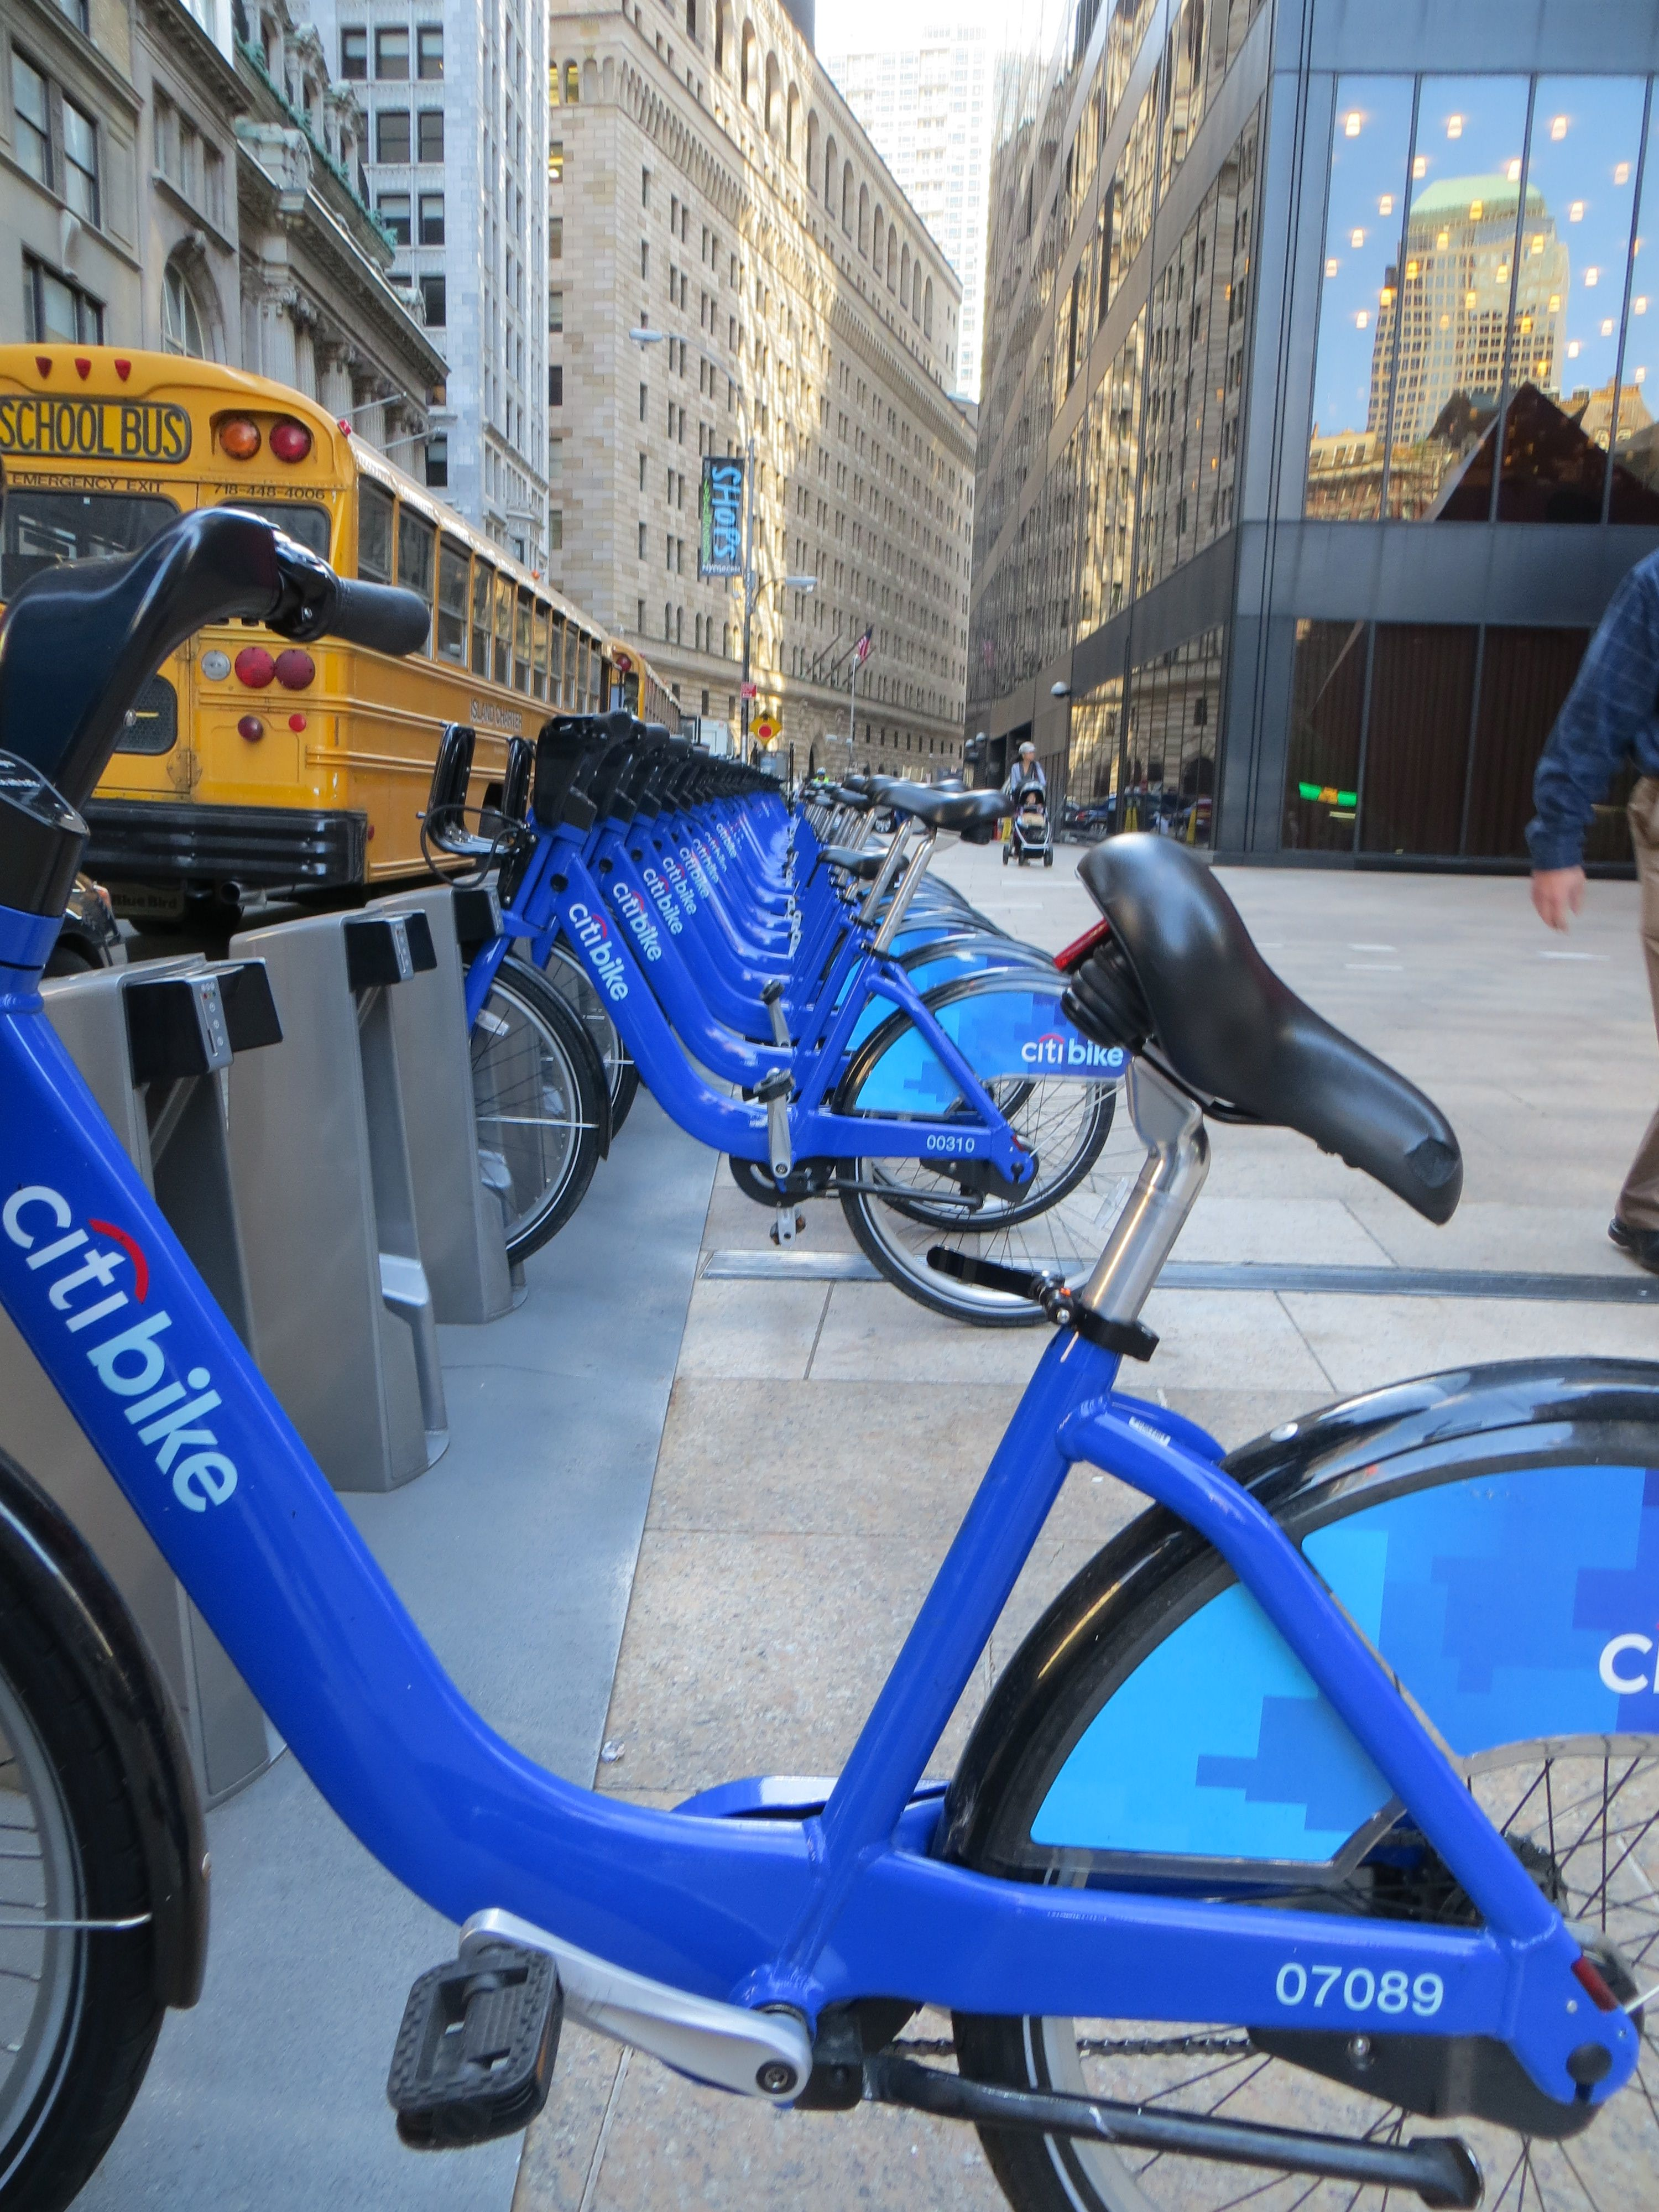 NY, rent a bike